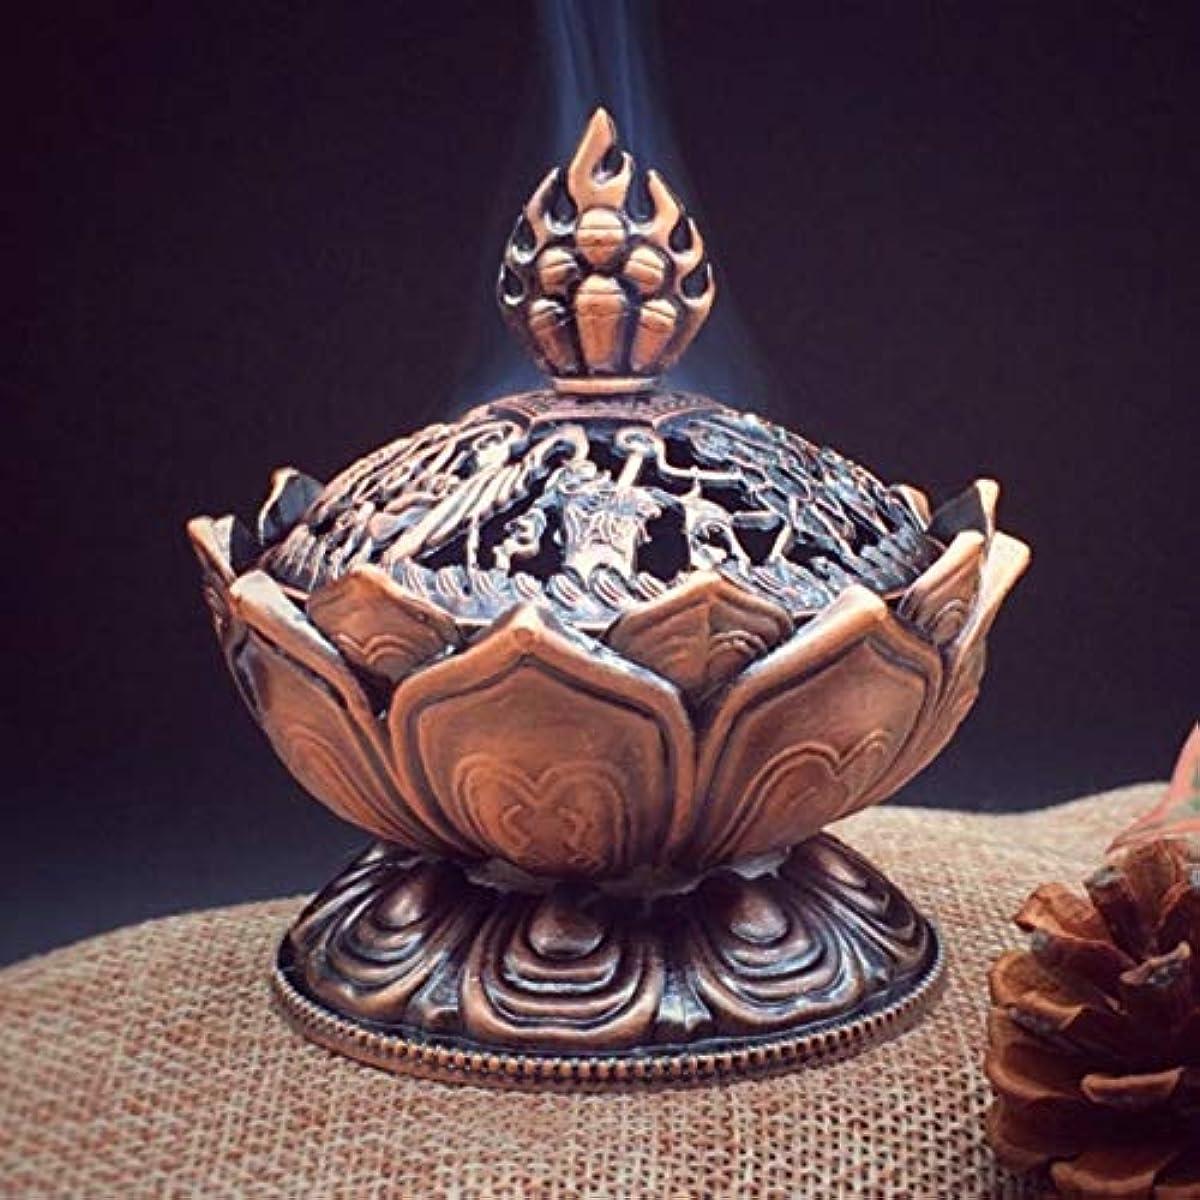 シャトルりんごマッシュHoly Tibetan Lotus Designed Incense Burner Zinc Alloy Bronze Mini Incense Burner Incensory Metal Craft Home Decor